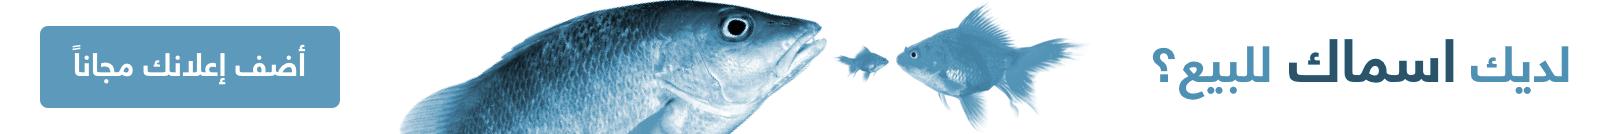 اعلن عن جميع انواع الأسماك مجانا